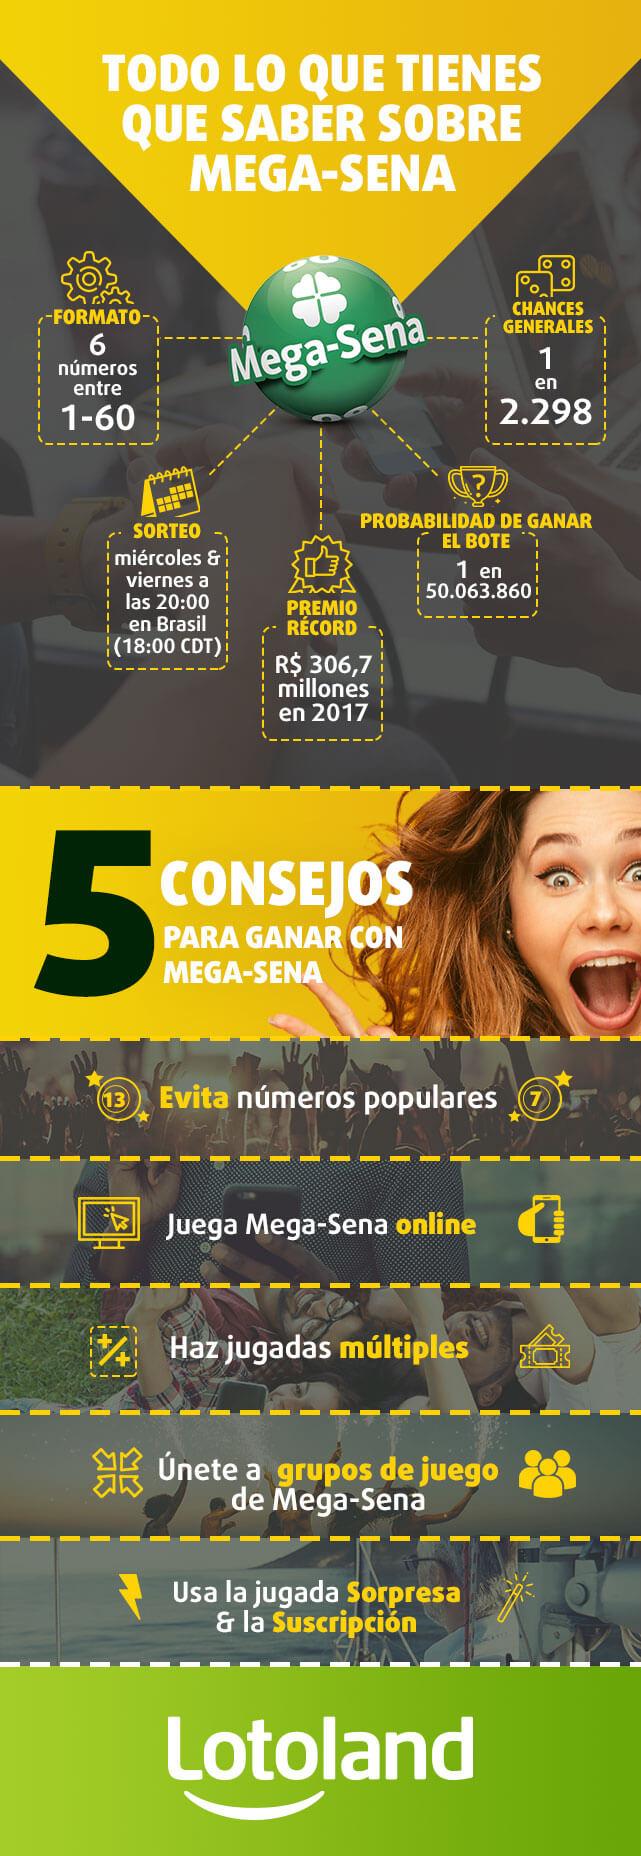 Infografía sobre Mega-Sena y consejos para ganar